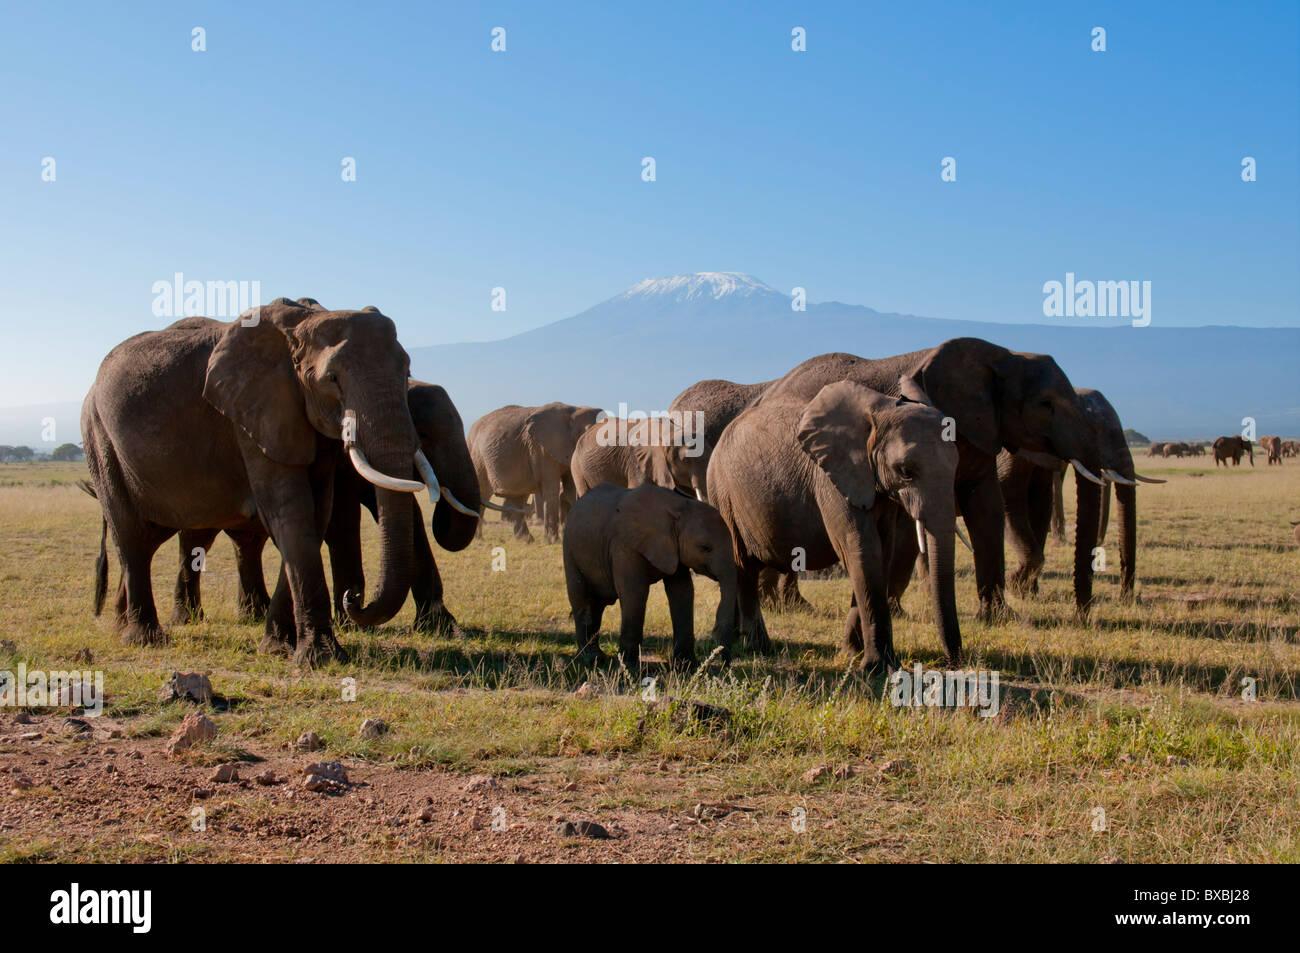 Kenya, Amboseli, Kilimanjaro, elephant herd - Stock Image